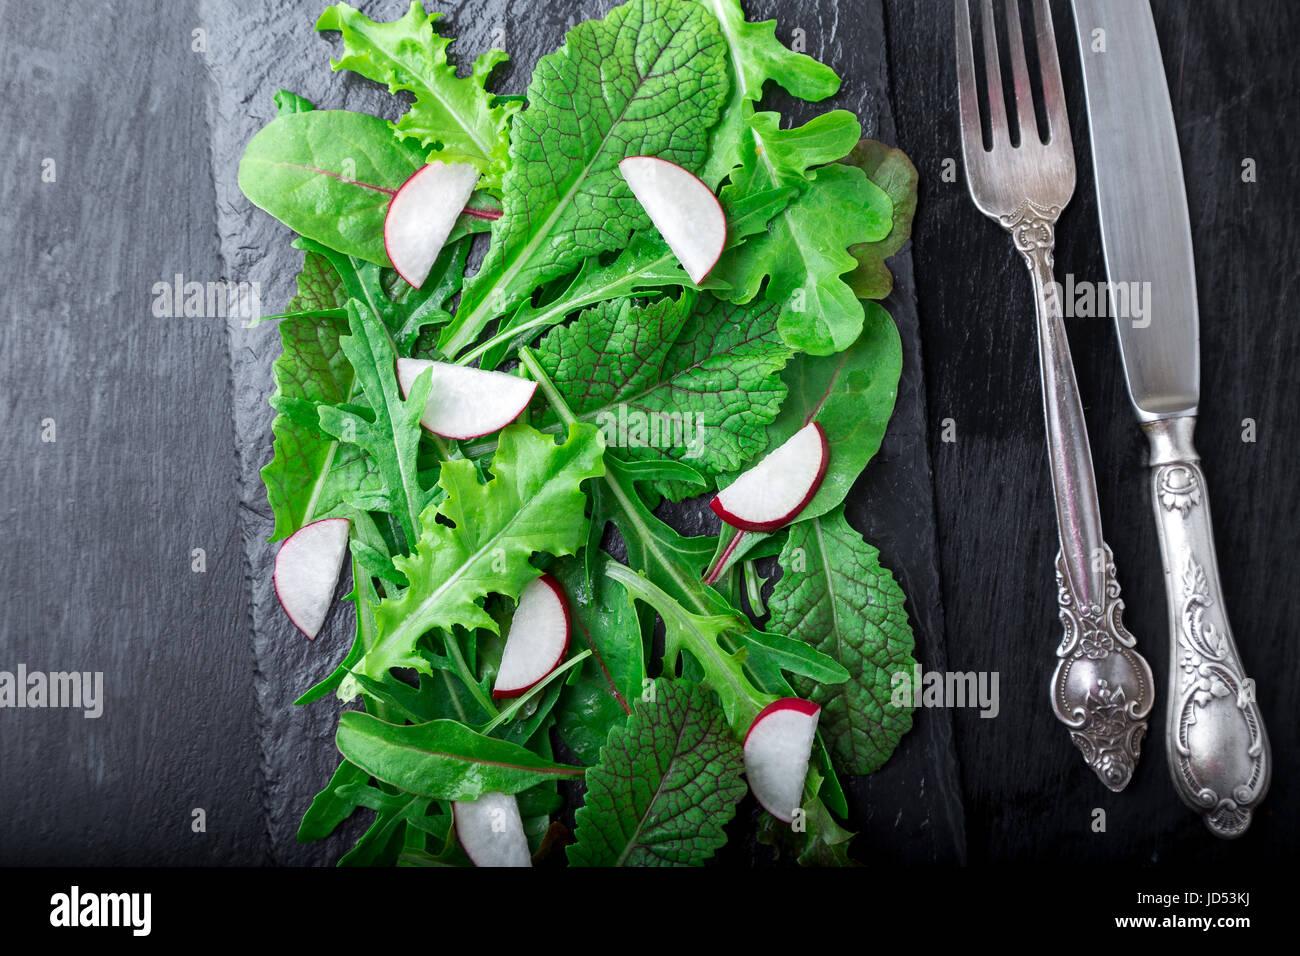 Insalata mista con foglie di Rafano nero sulla piastra di ardesia. Vista superiore Immagini Stock